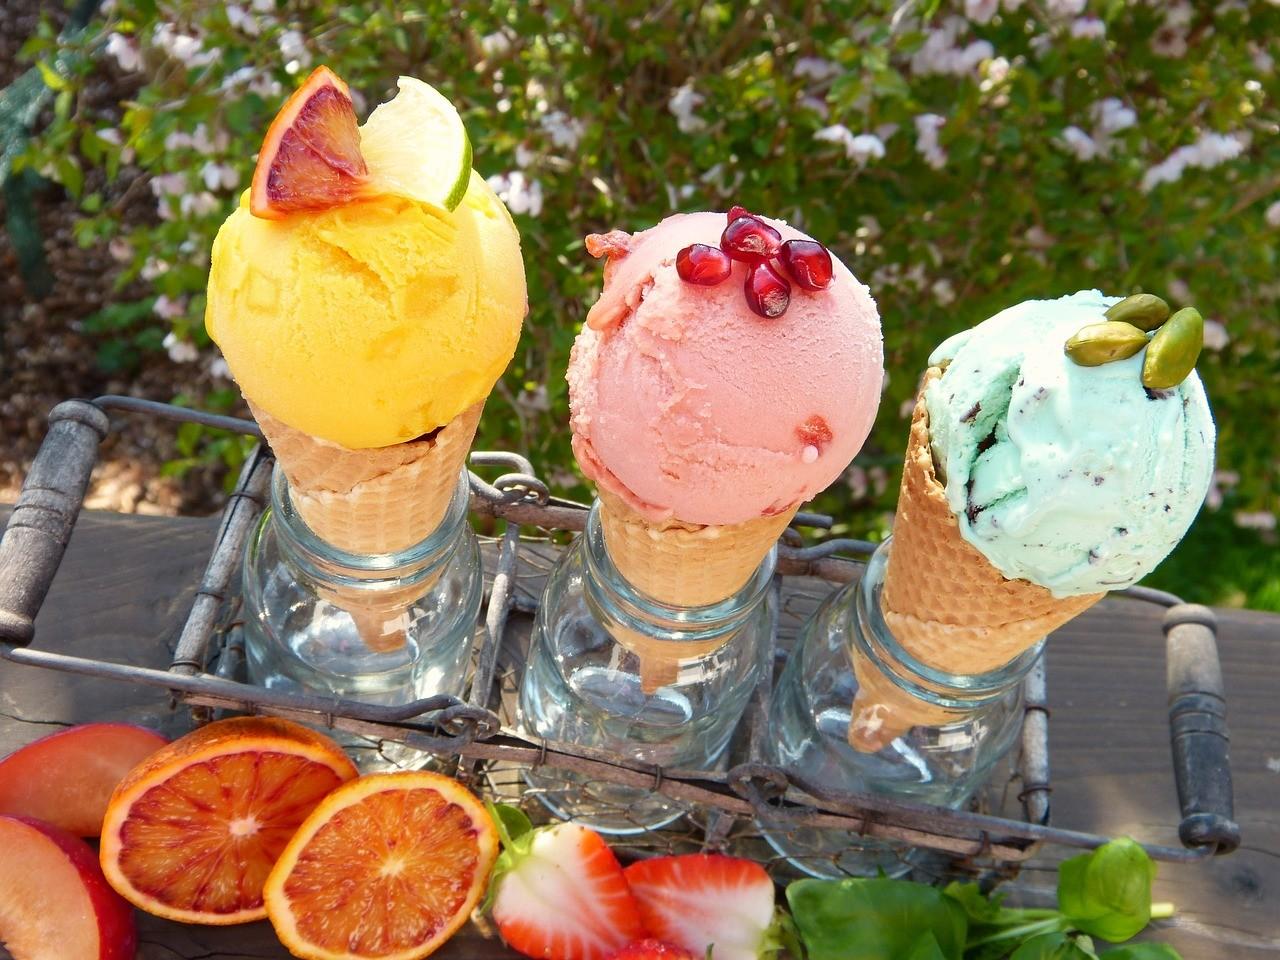 嬉しいご褒美としてのアイスクリーム